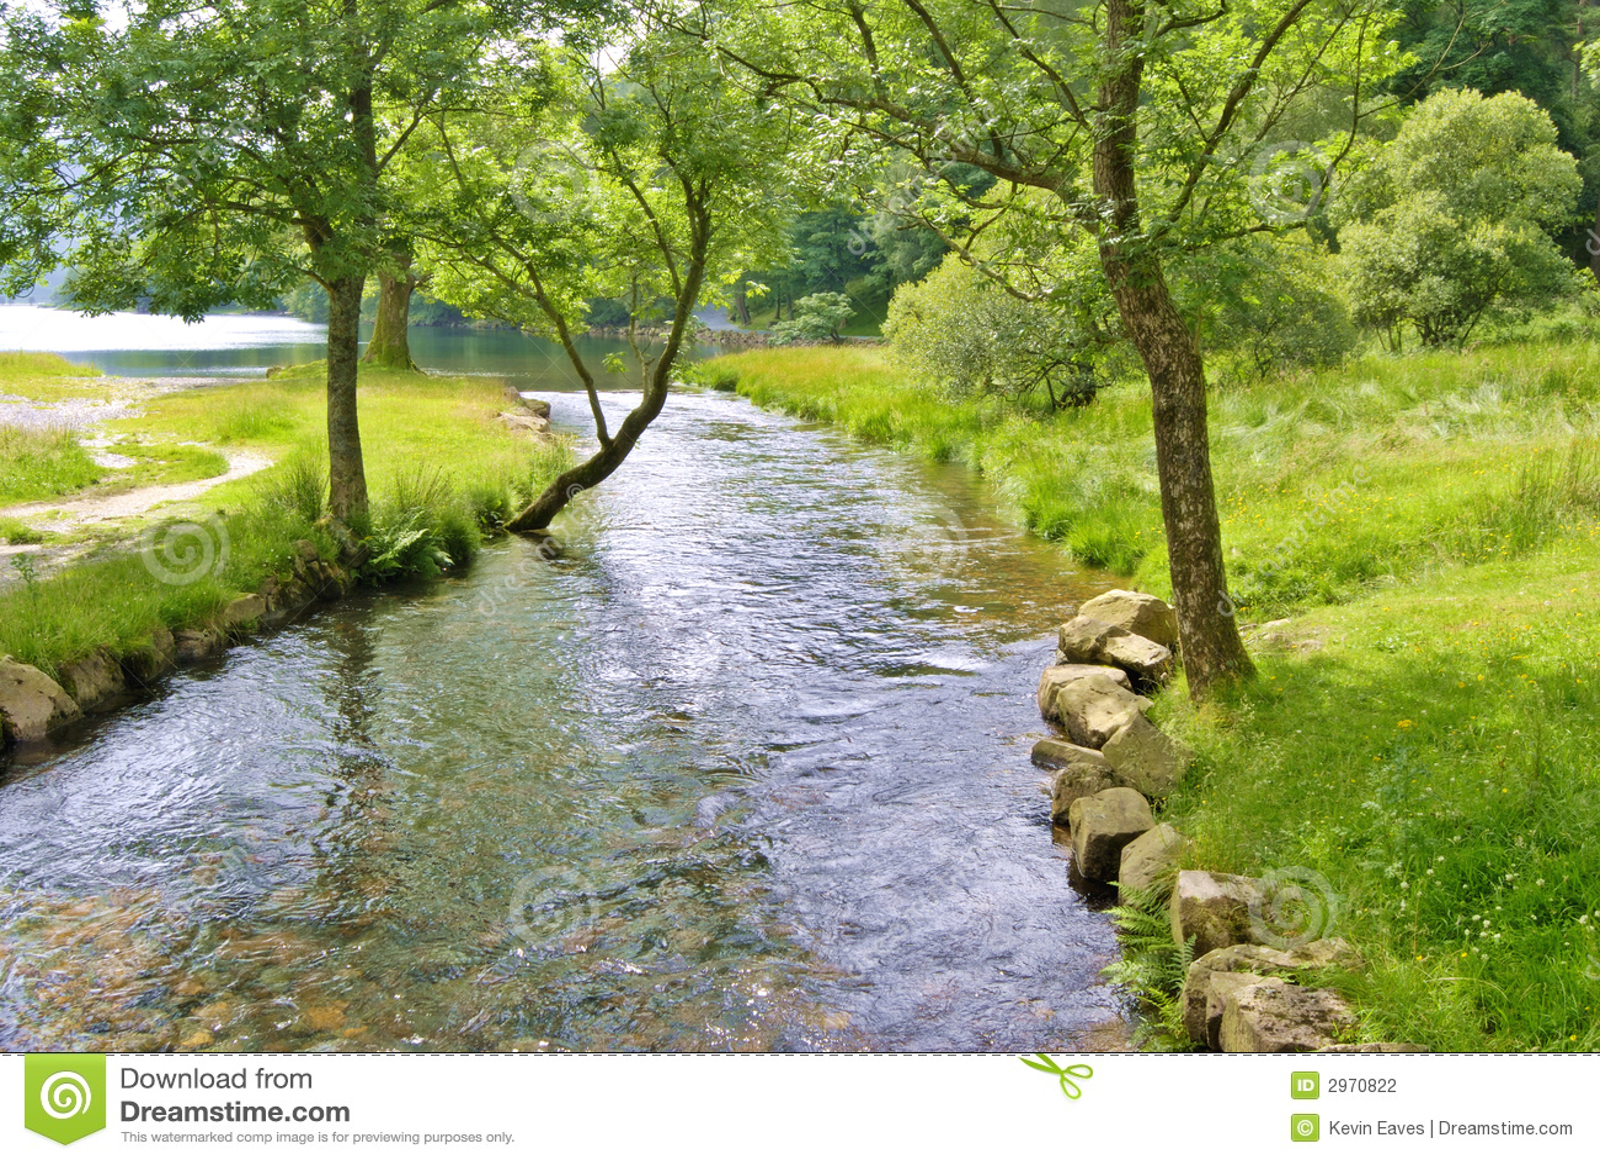 Vreedzame rivierscène